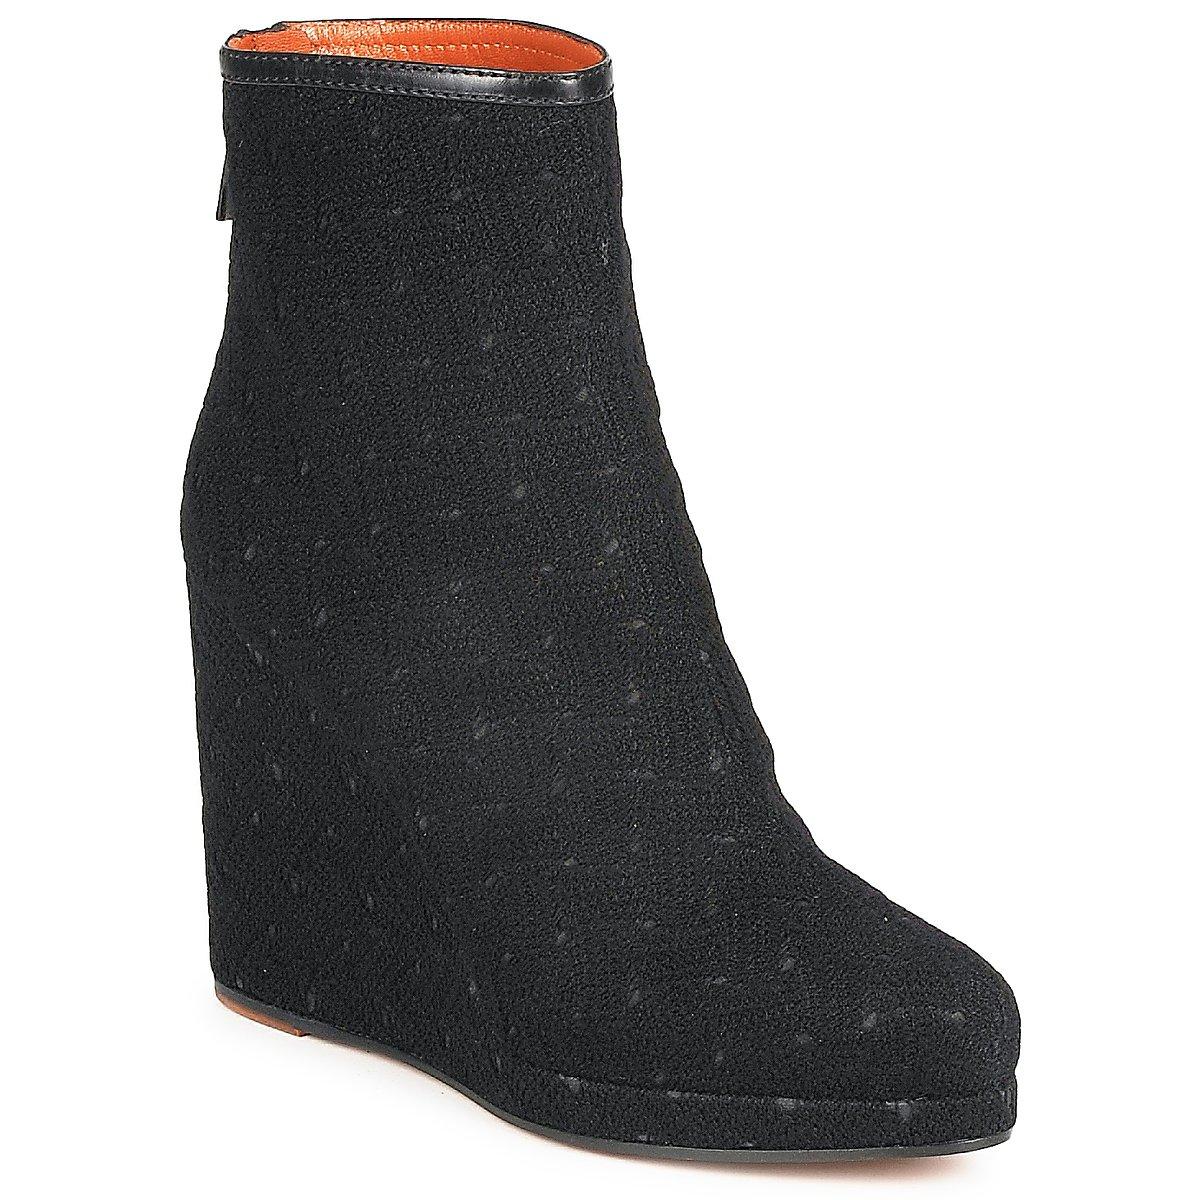 Missoni TONSU Schwarz - Kostenloser Versand bei Spartoode ! - Schuhe Low Boots Damen 357,00 €